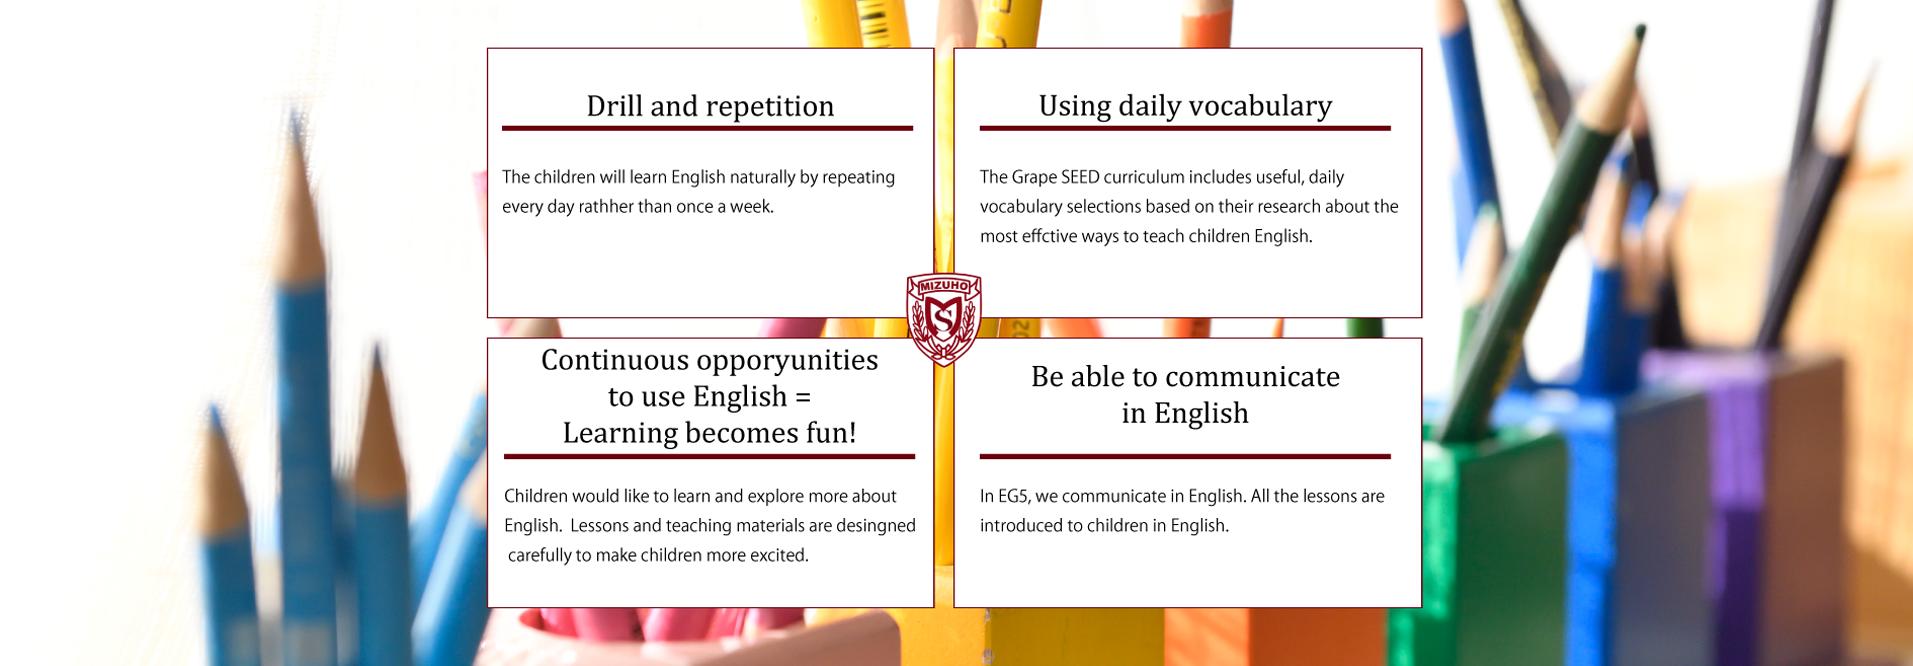 毎日繰り返す・単語は日常から・継続=無理がなく、楽しい!・英語で会話できる